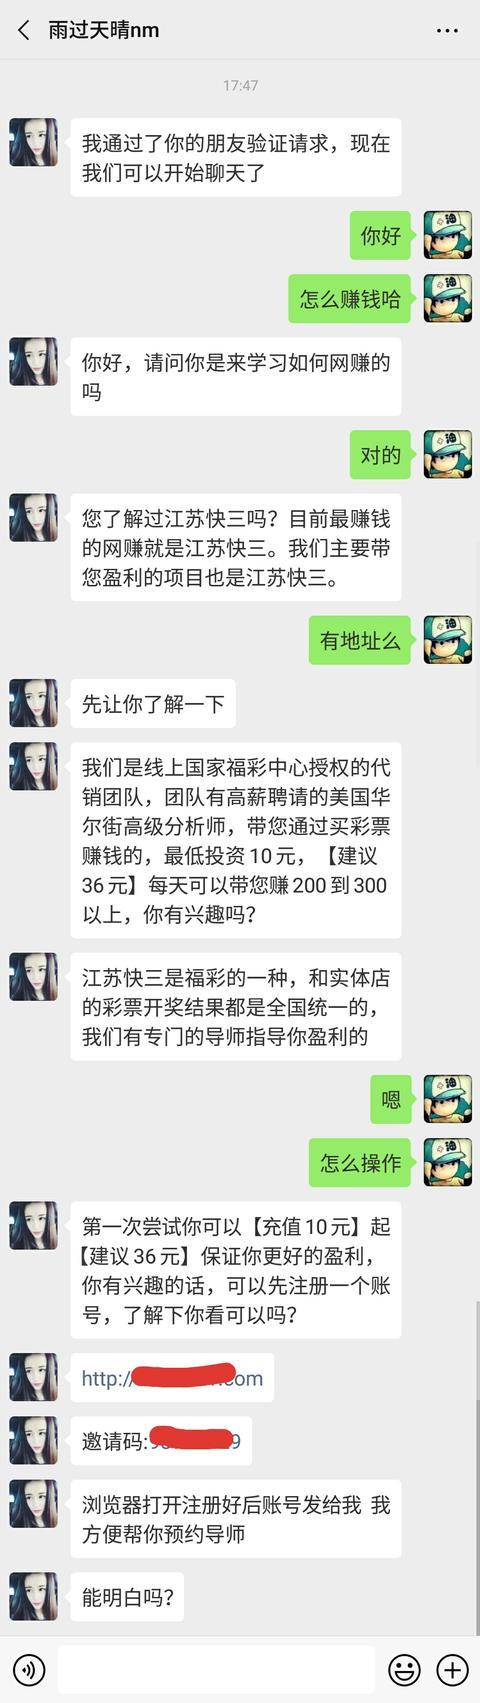 兼职骗局:只需要一个微信,玩玩手机就可以日进1000元?